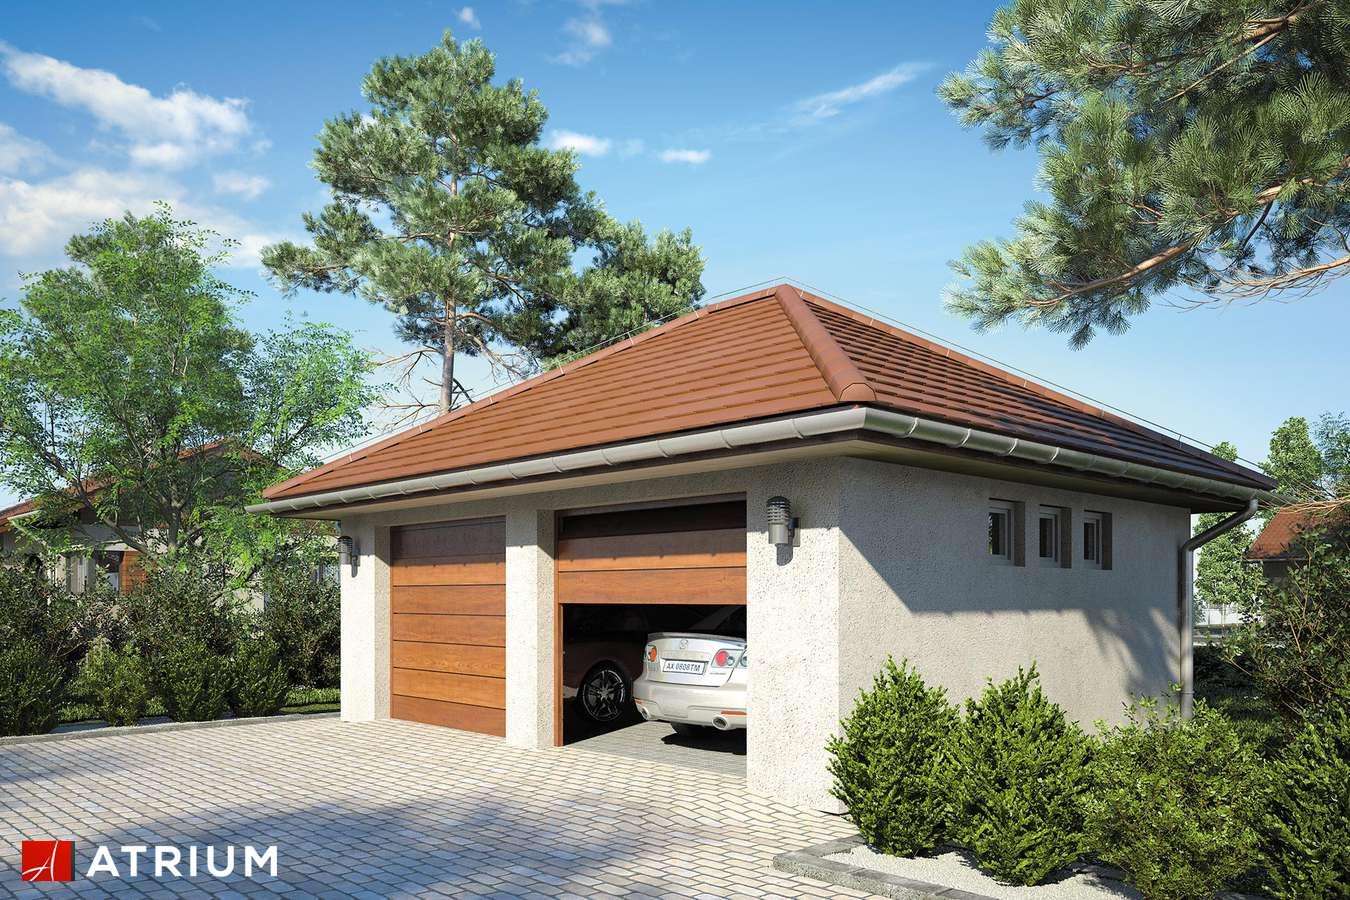 Garaż Z 35 - wizualizacja 2